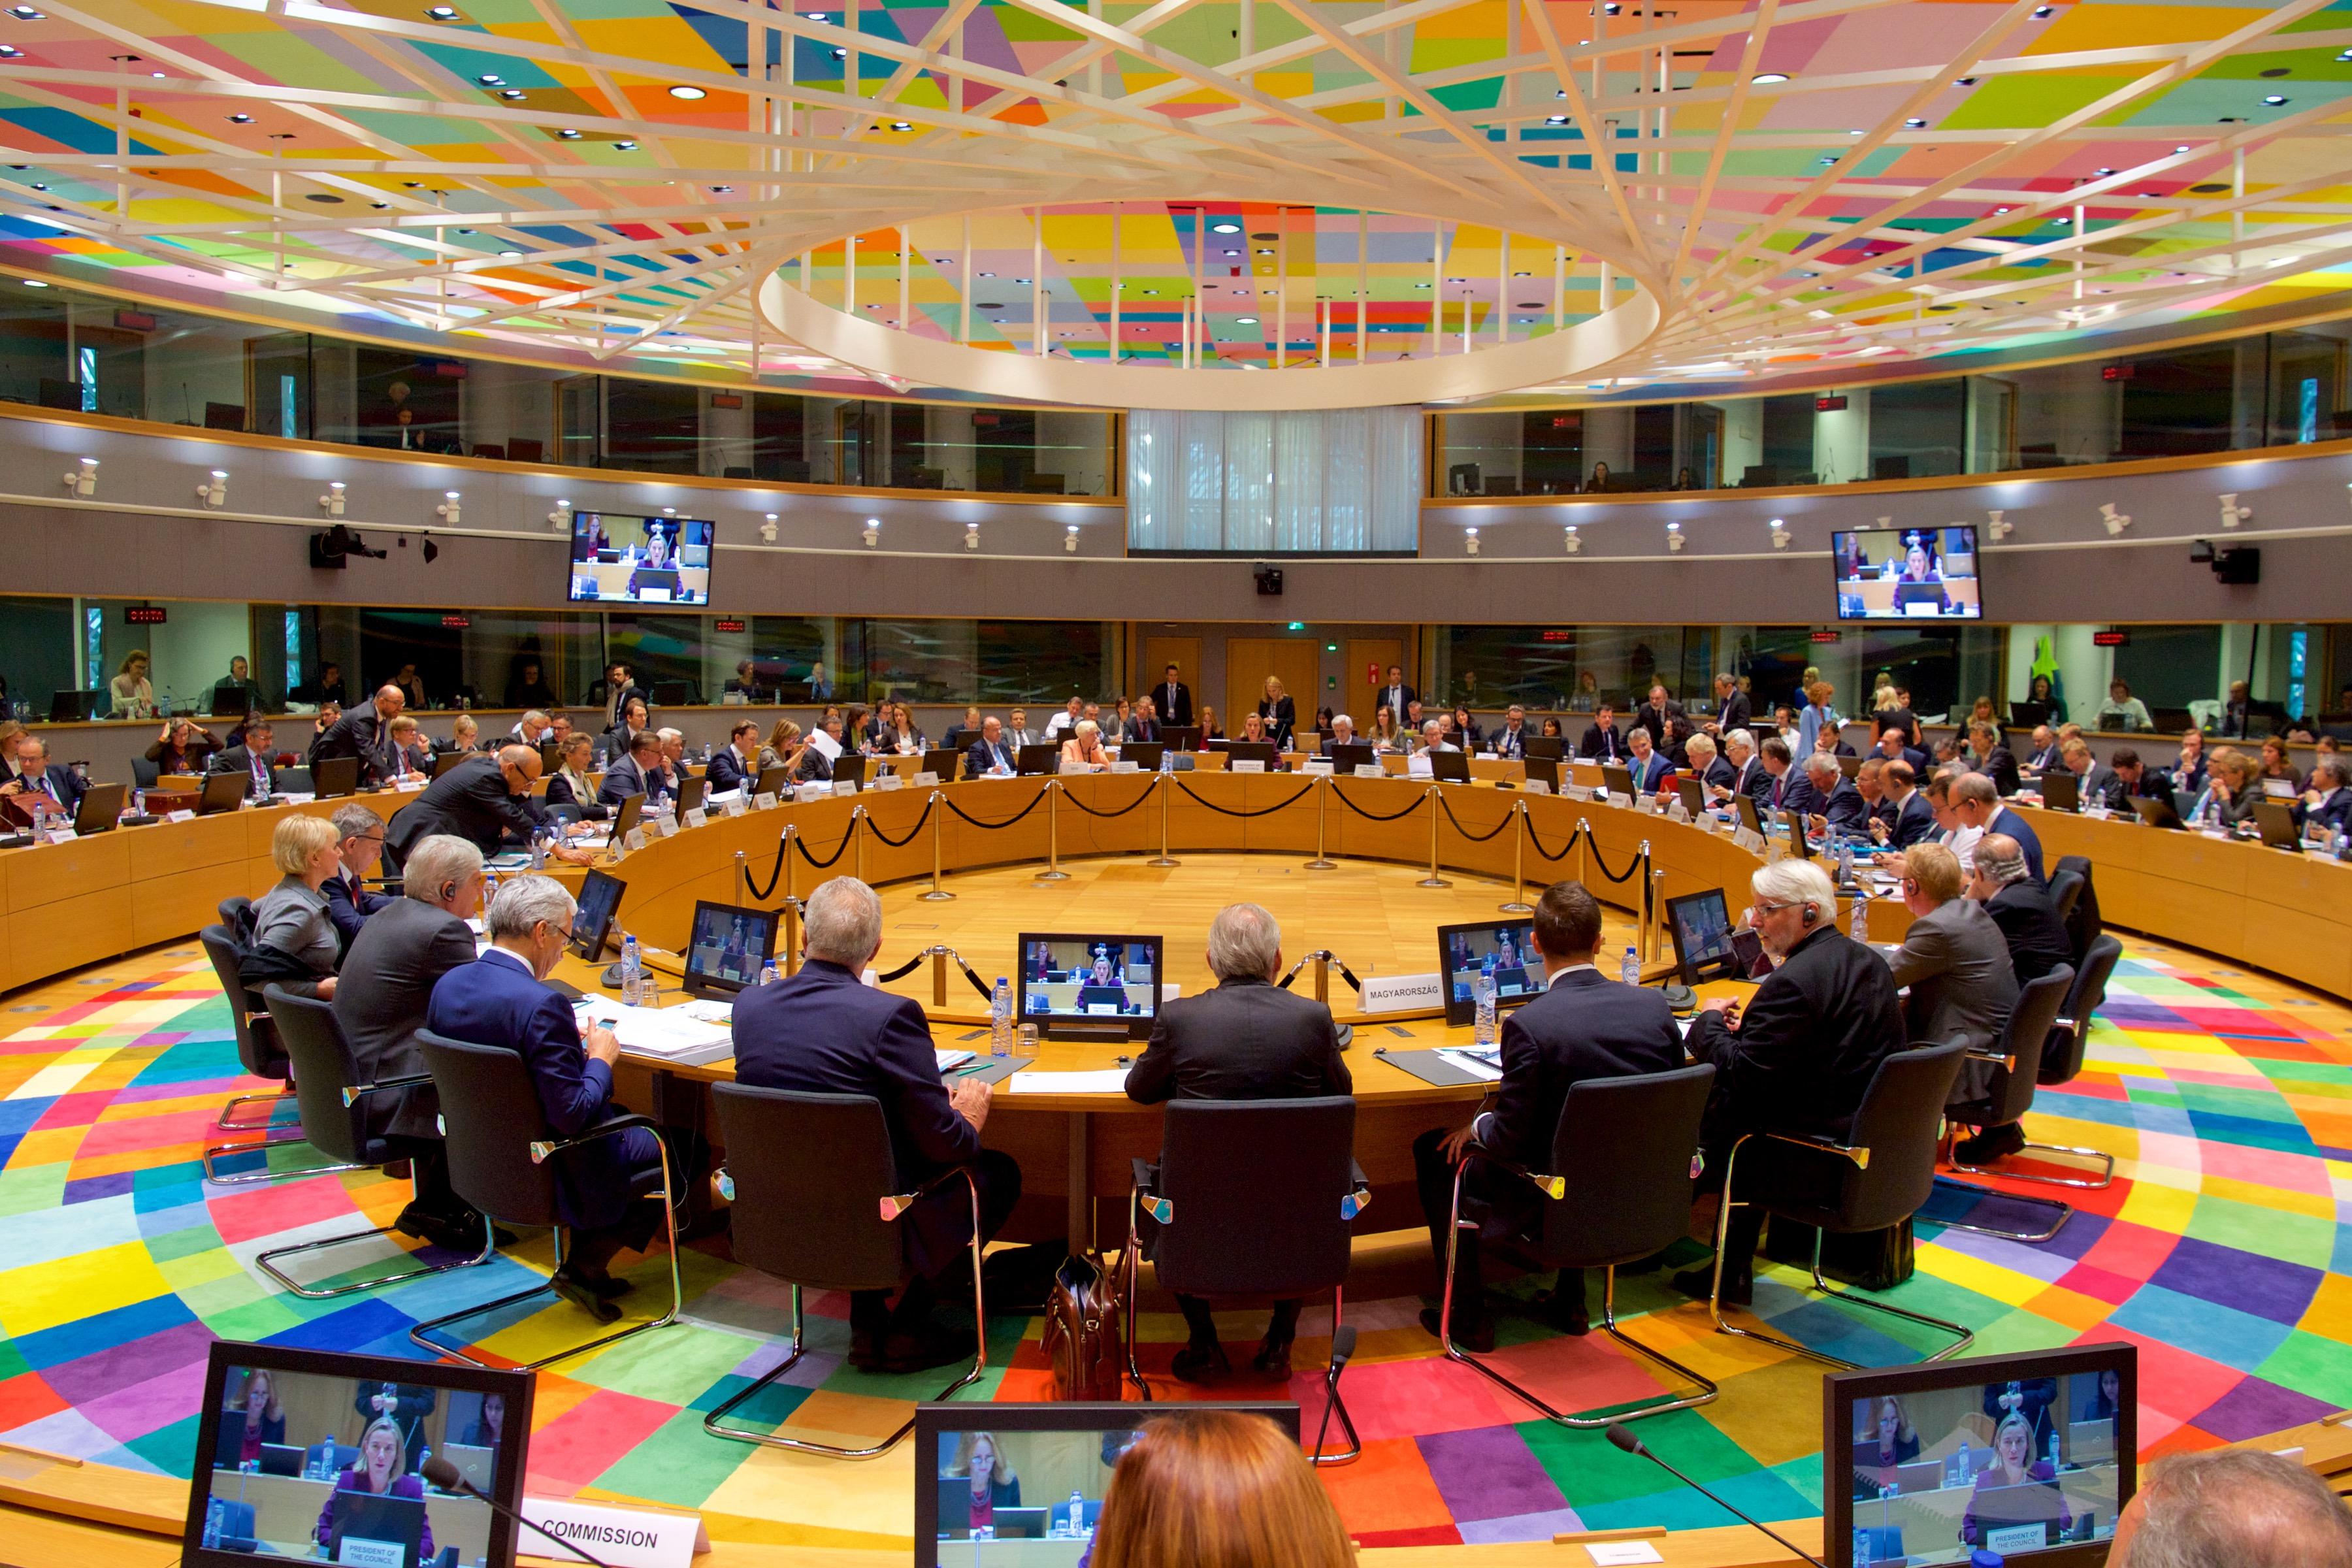 Σημαντικός εταίρος η Τουρκία και πρέπει να παραμείνει στη Δύση, είπε ο Blinken στους ΥΠΕΞ της ΕΕ